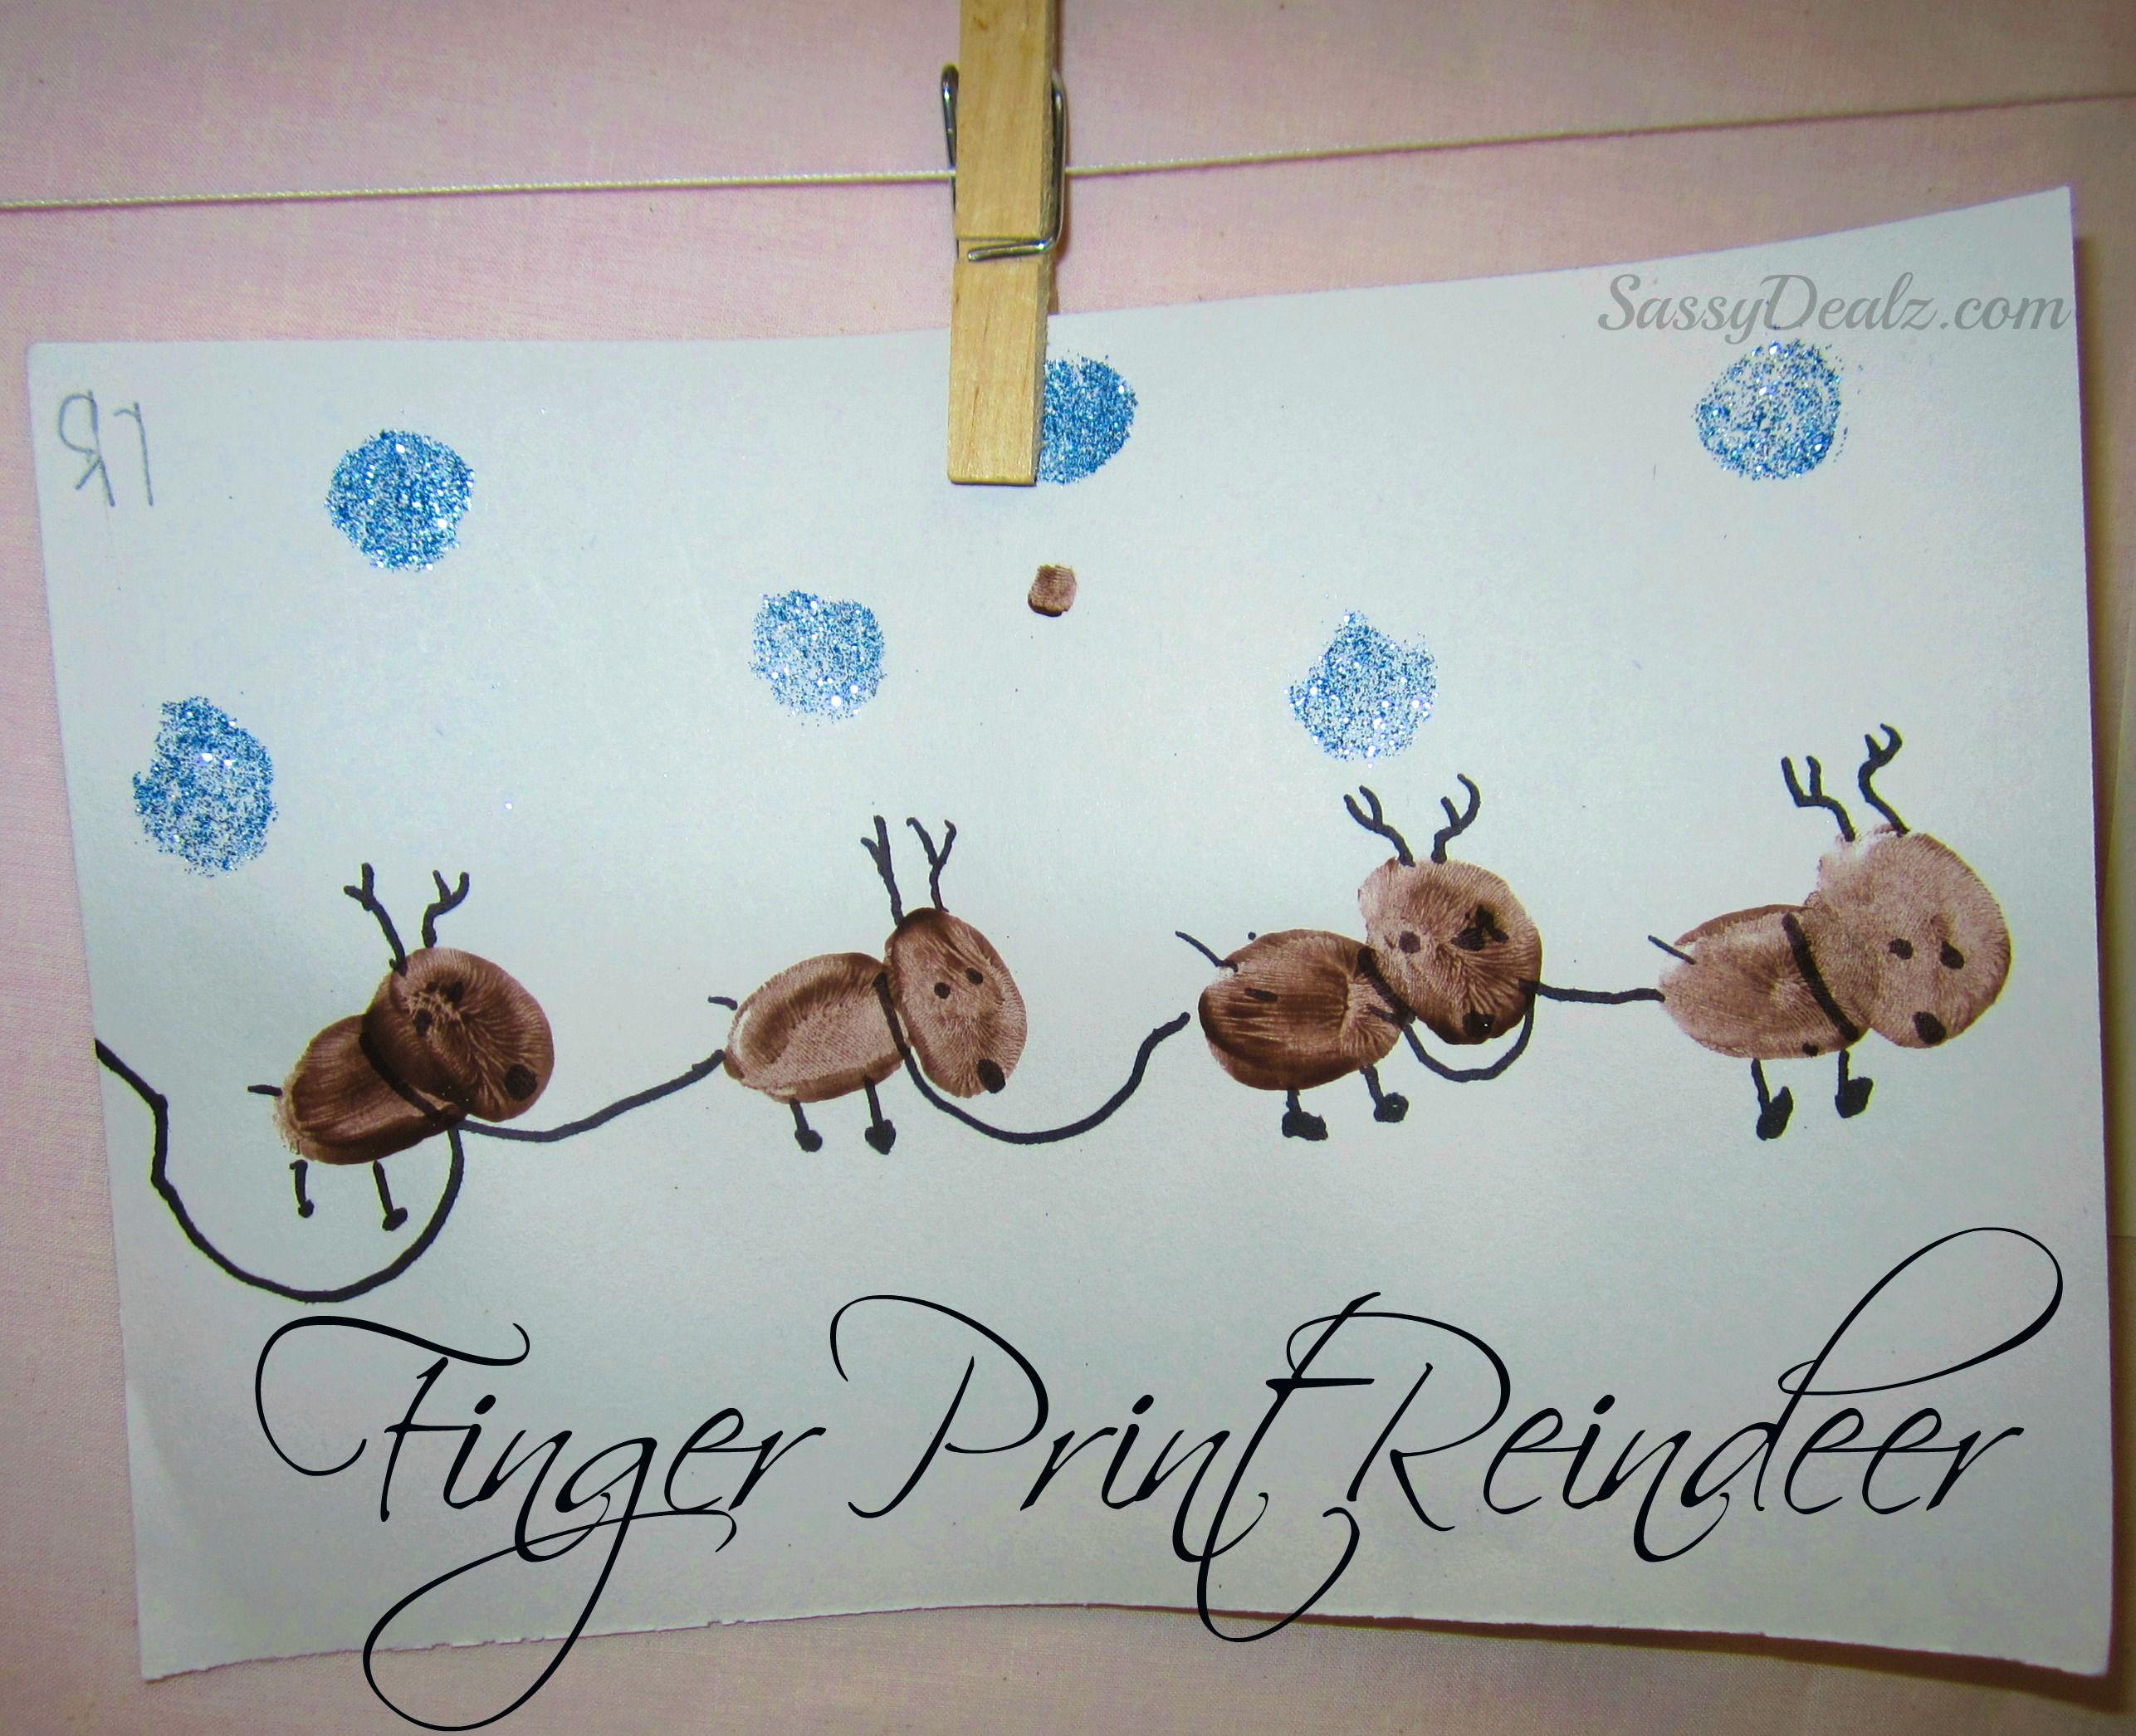 Adorable Fingerprint Reindeer Craft For Kids at Christmas time We